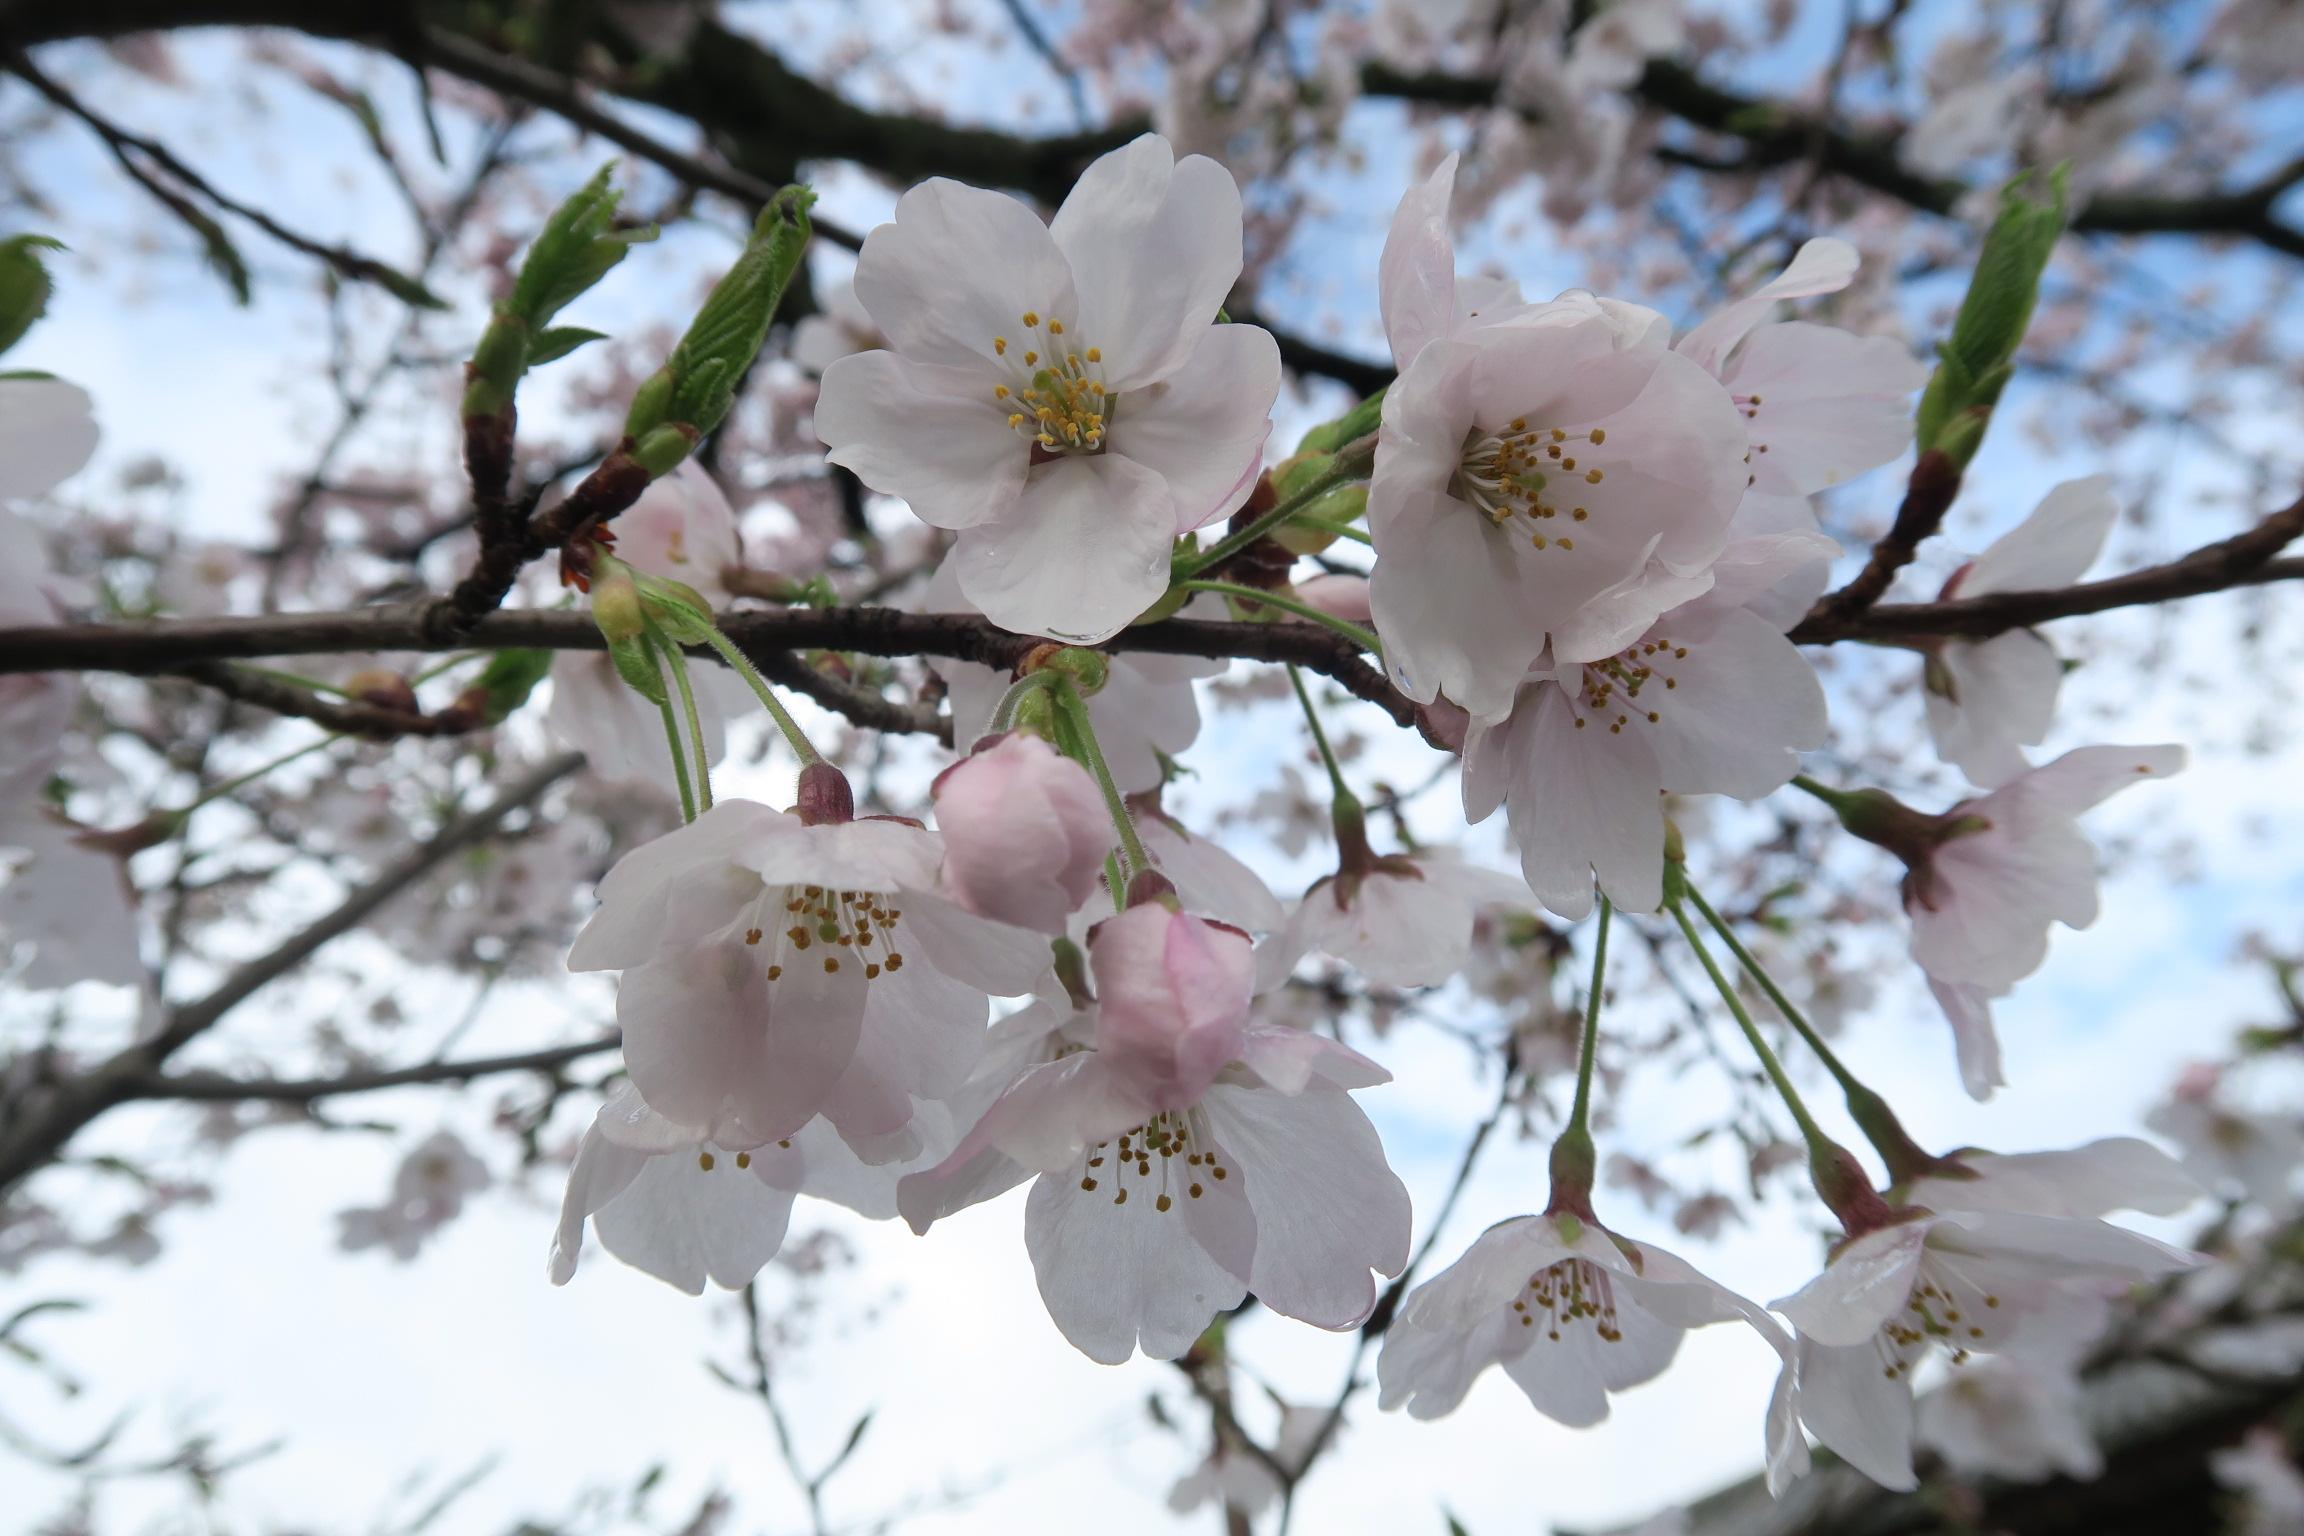 桜は散るのも早いので花びらの傷みも少なく落ちていきますが、やはり咲き始めはきれいですね。